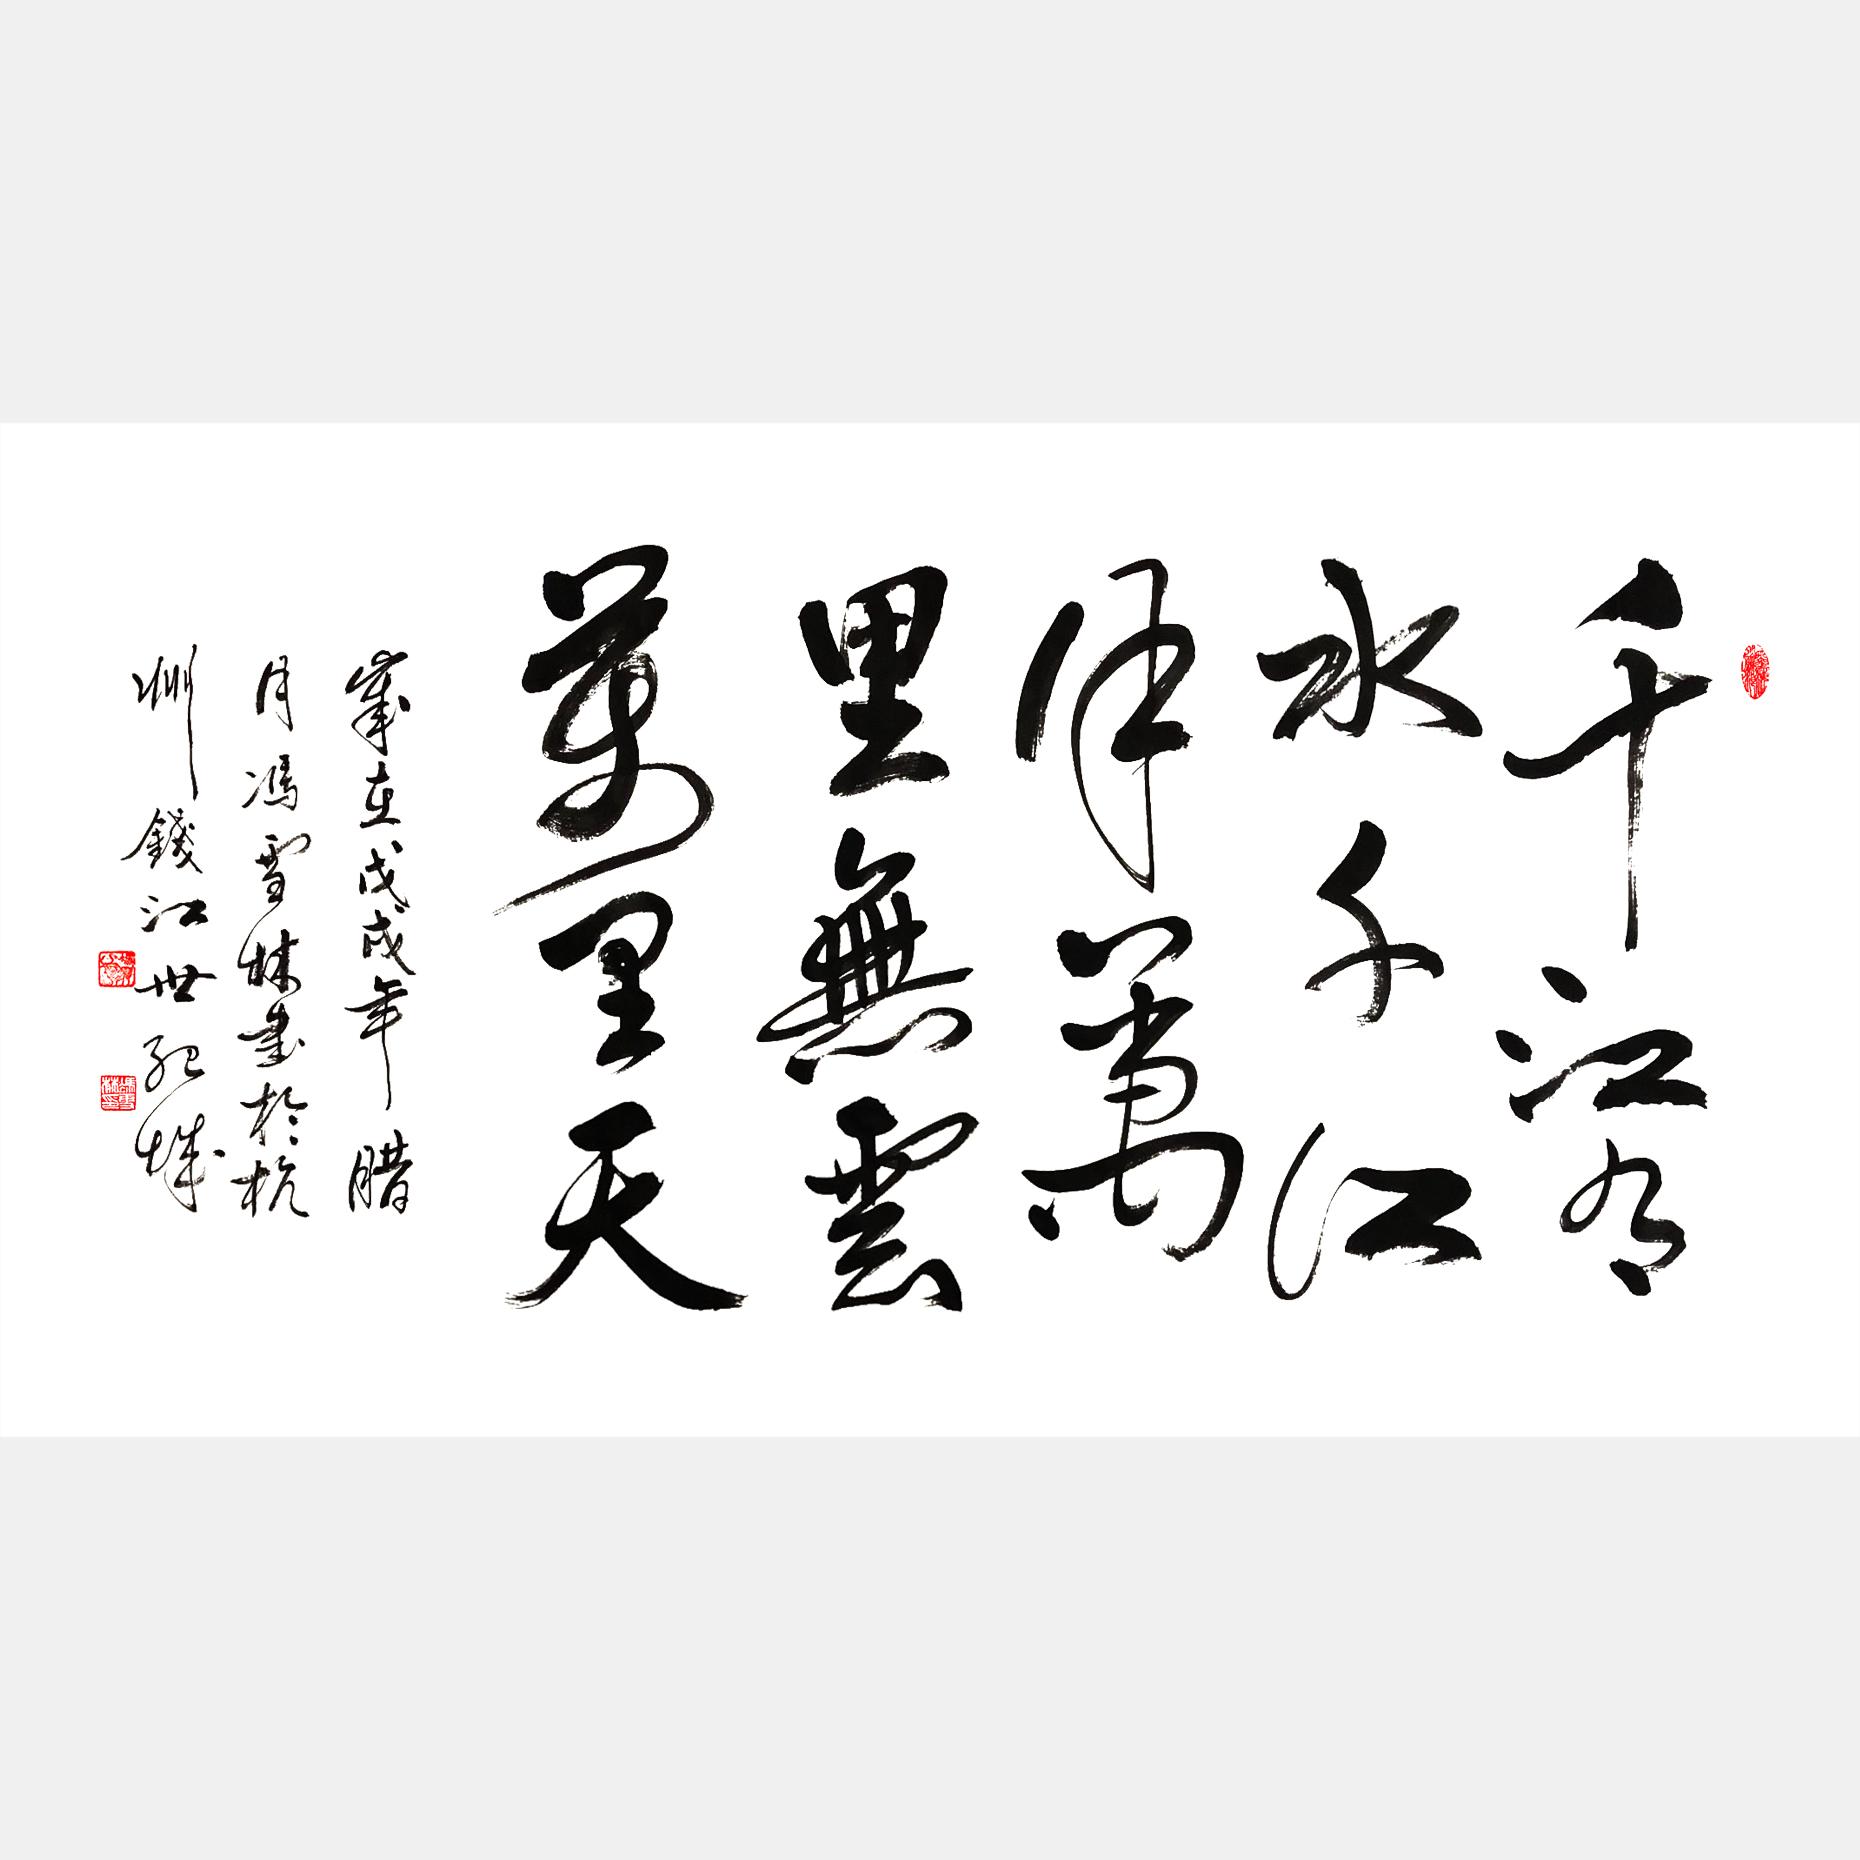 著名佛家偈语 千江有水千江月,万里无云万里天。 行书书法作品